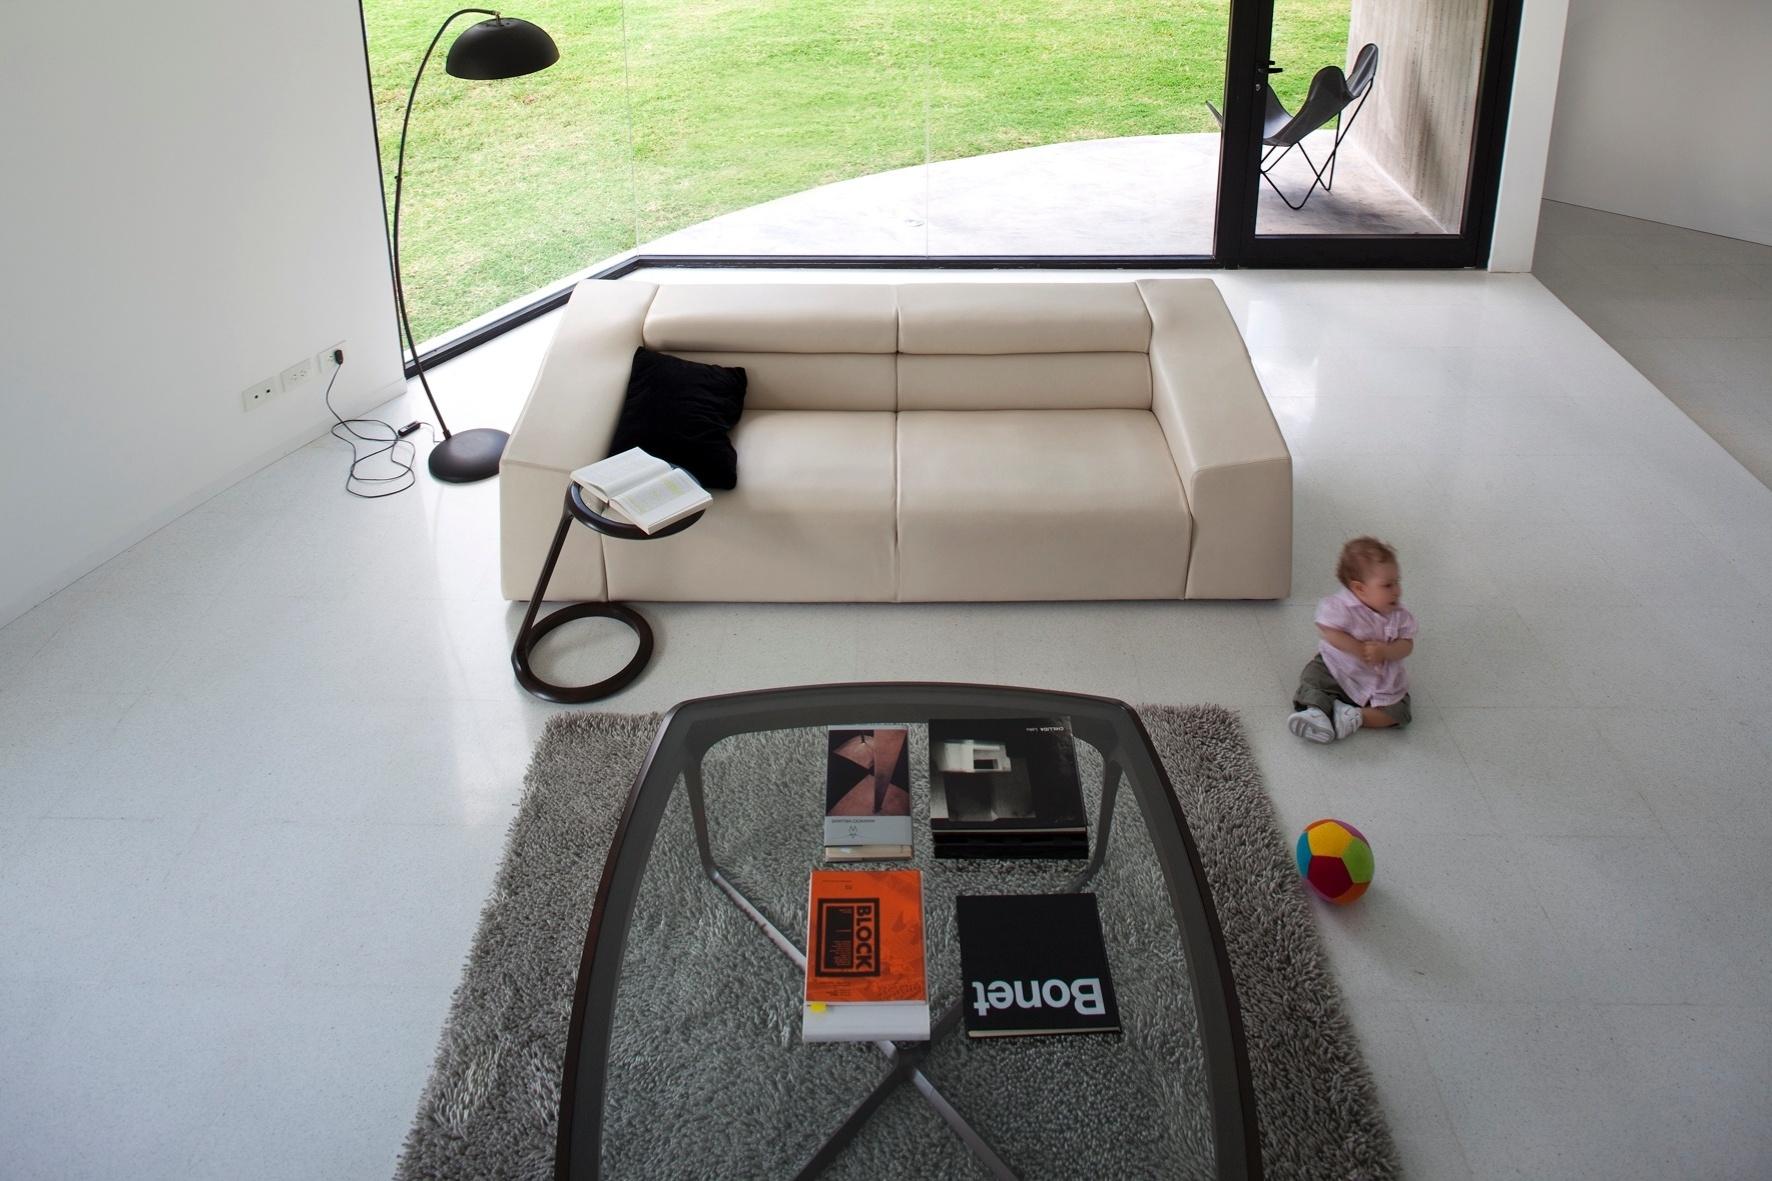 O piso da sala de estar, no térreo, é de granito polido e o recorte arredondado do ambiente acompanha a linha da fachada. A vista (foto) é a partir do pavimento intermediário, onde fica uma sala reservada à convivência da família que habita a View House. A arquitetura é de Diego Arraigada, Mark Lee, Sharon Johnston